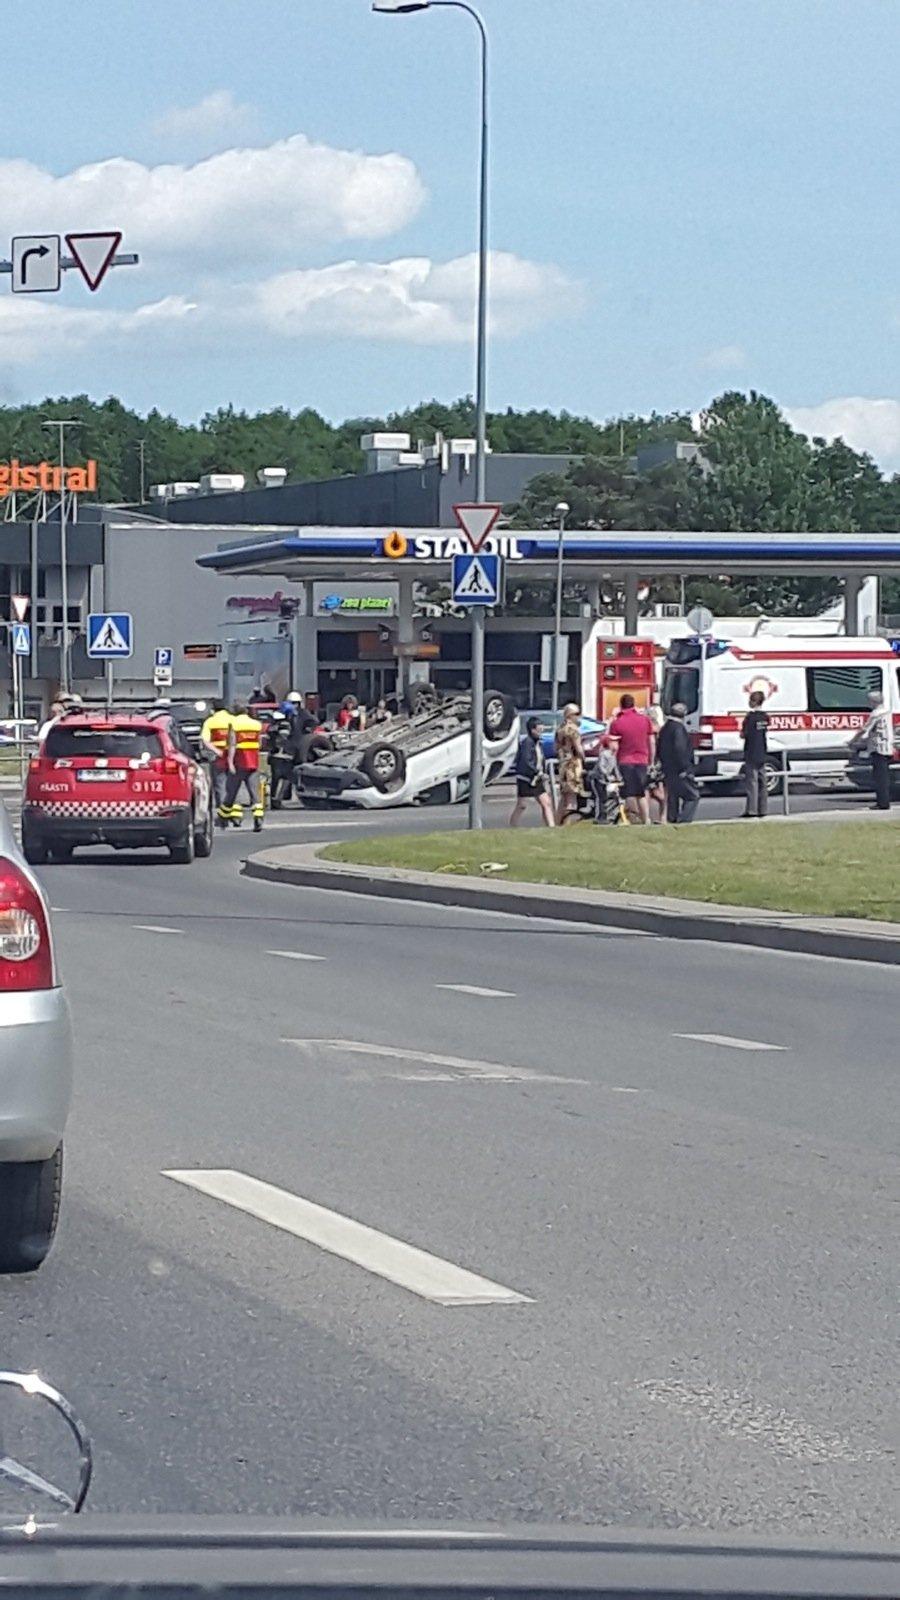 5f9726d8138 LUGEJATE FOTOD: Sõpruse puiesteel paiskus auto üle katuse - DELFI